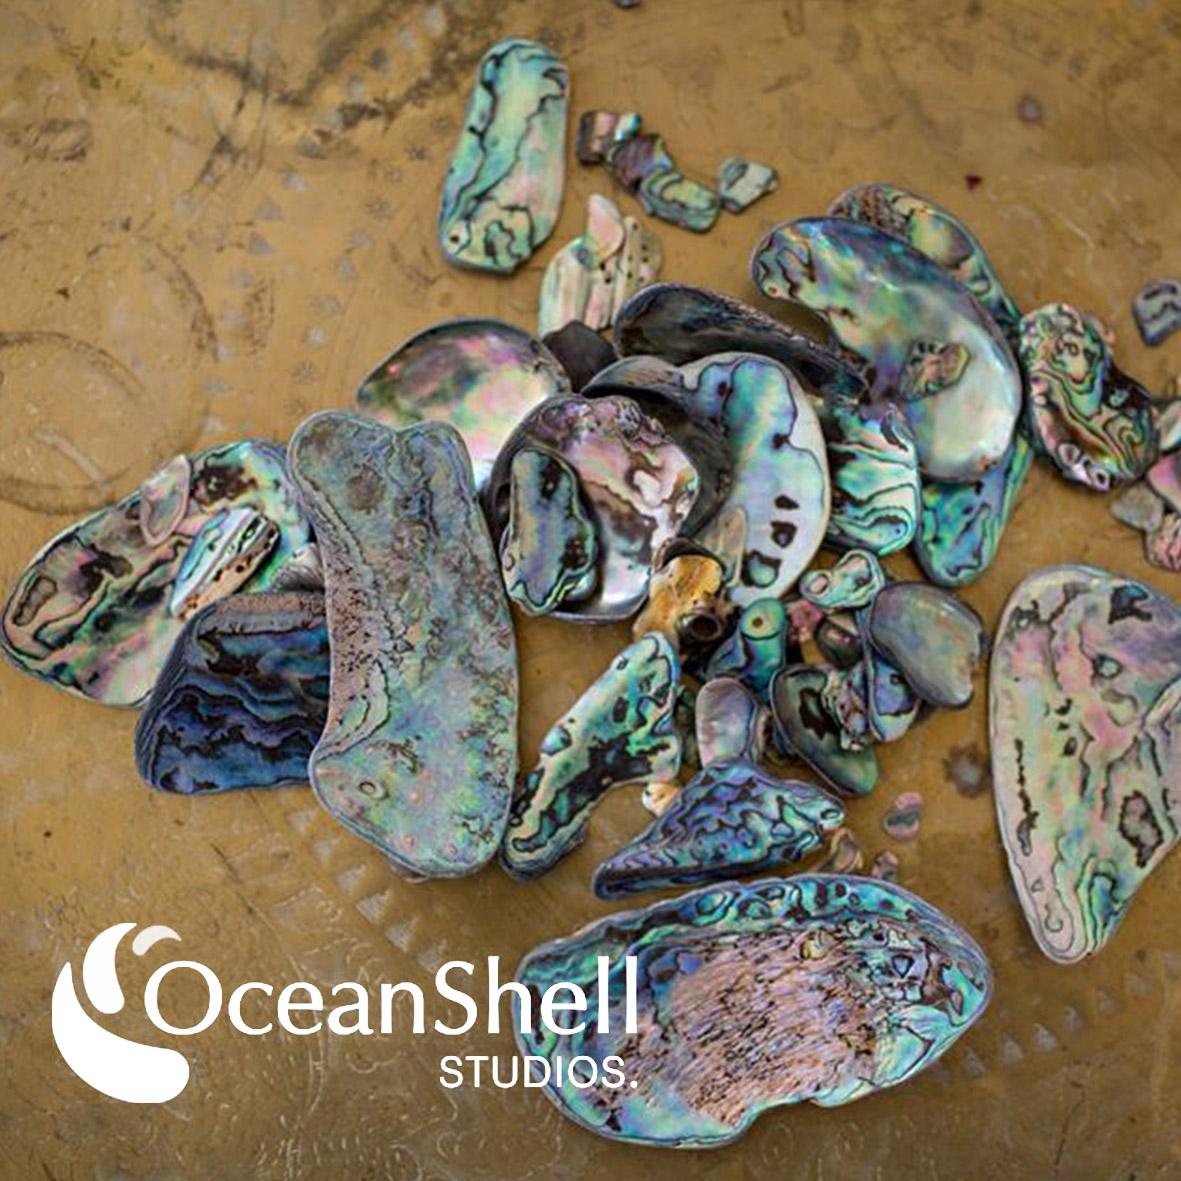 Ocean Shell Studios.jpg